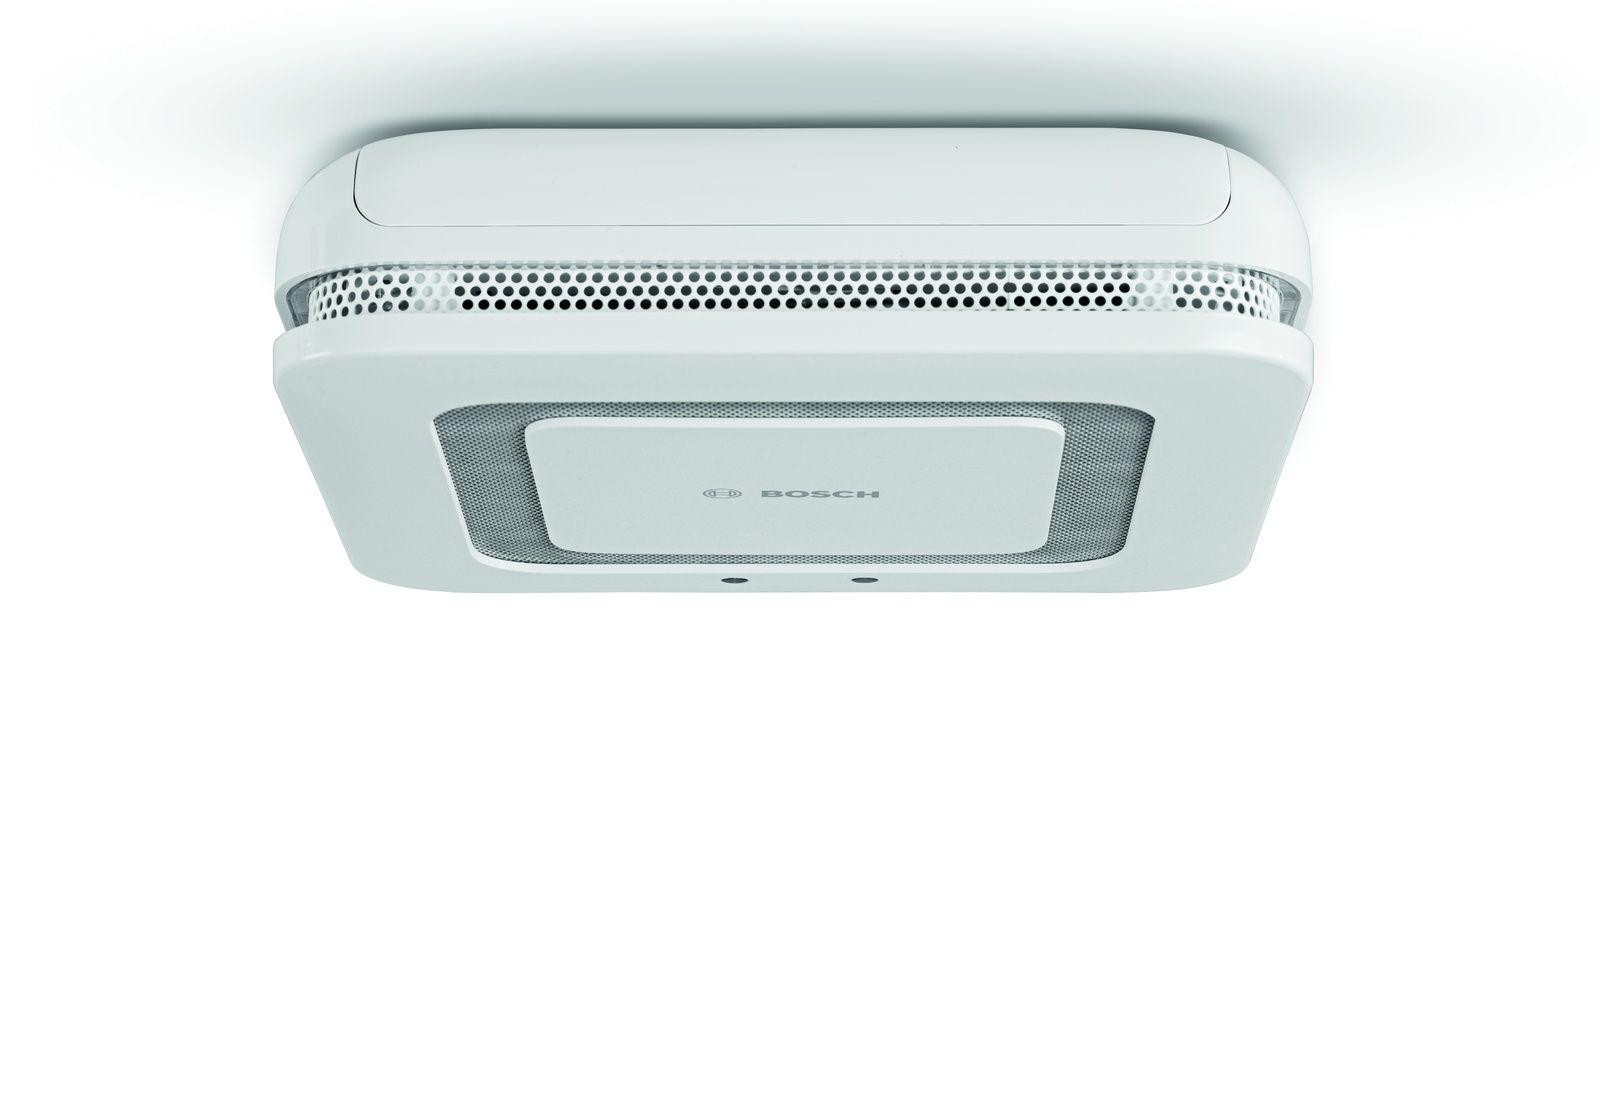 Bosch Smart Home Twinguard Smoke Alarm With Air Sensor Smart Smoke Alarm Protecting Your Home Smoke Alarms